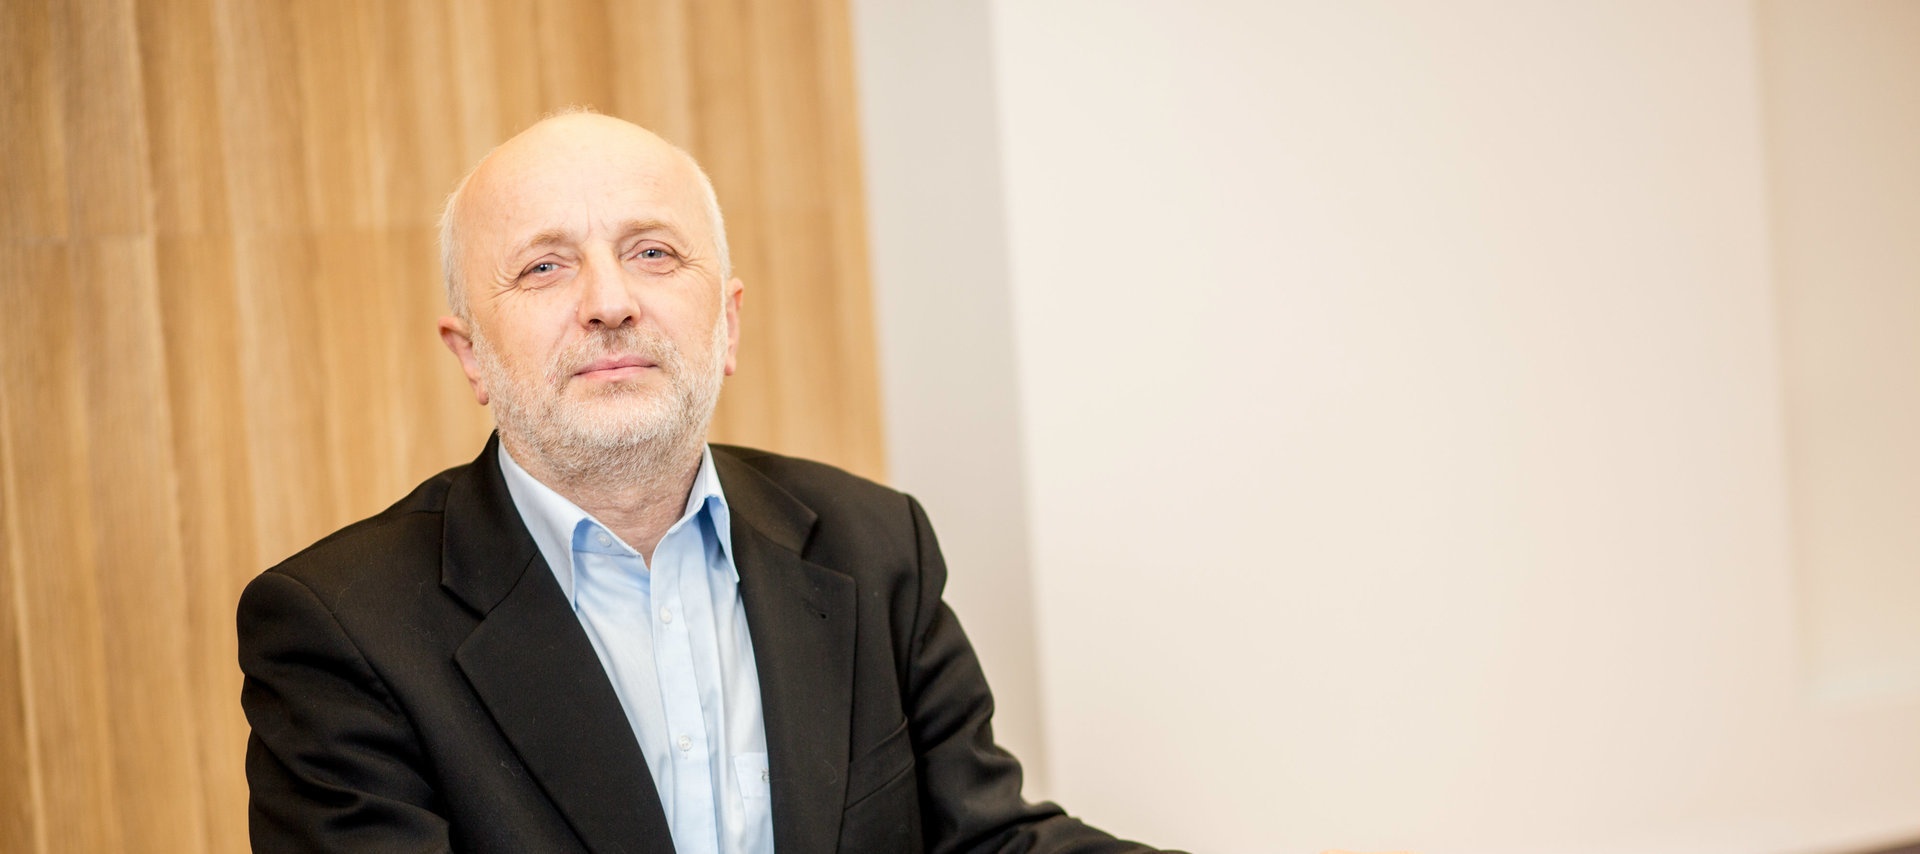 przedsiębiorczość: dr hab. Krzysztof Safin, prof. WSB we Wrocławiu